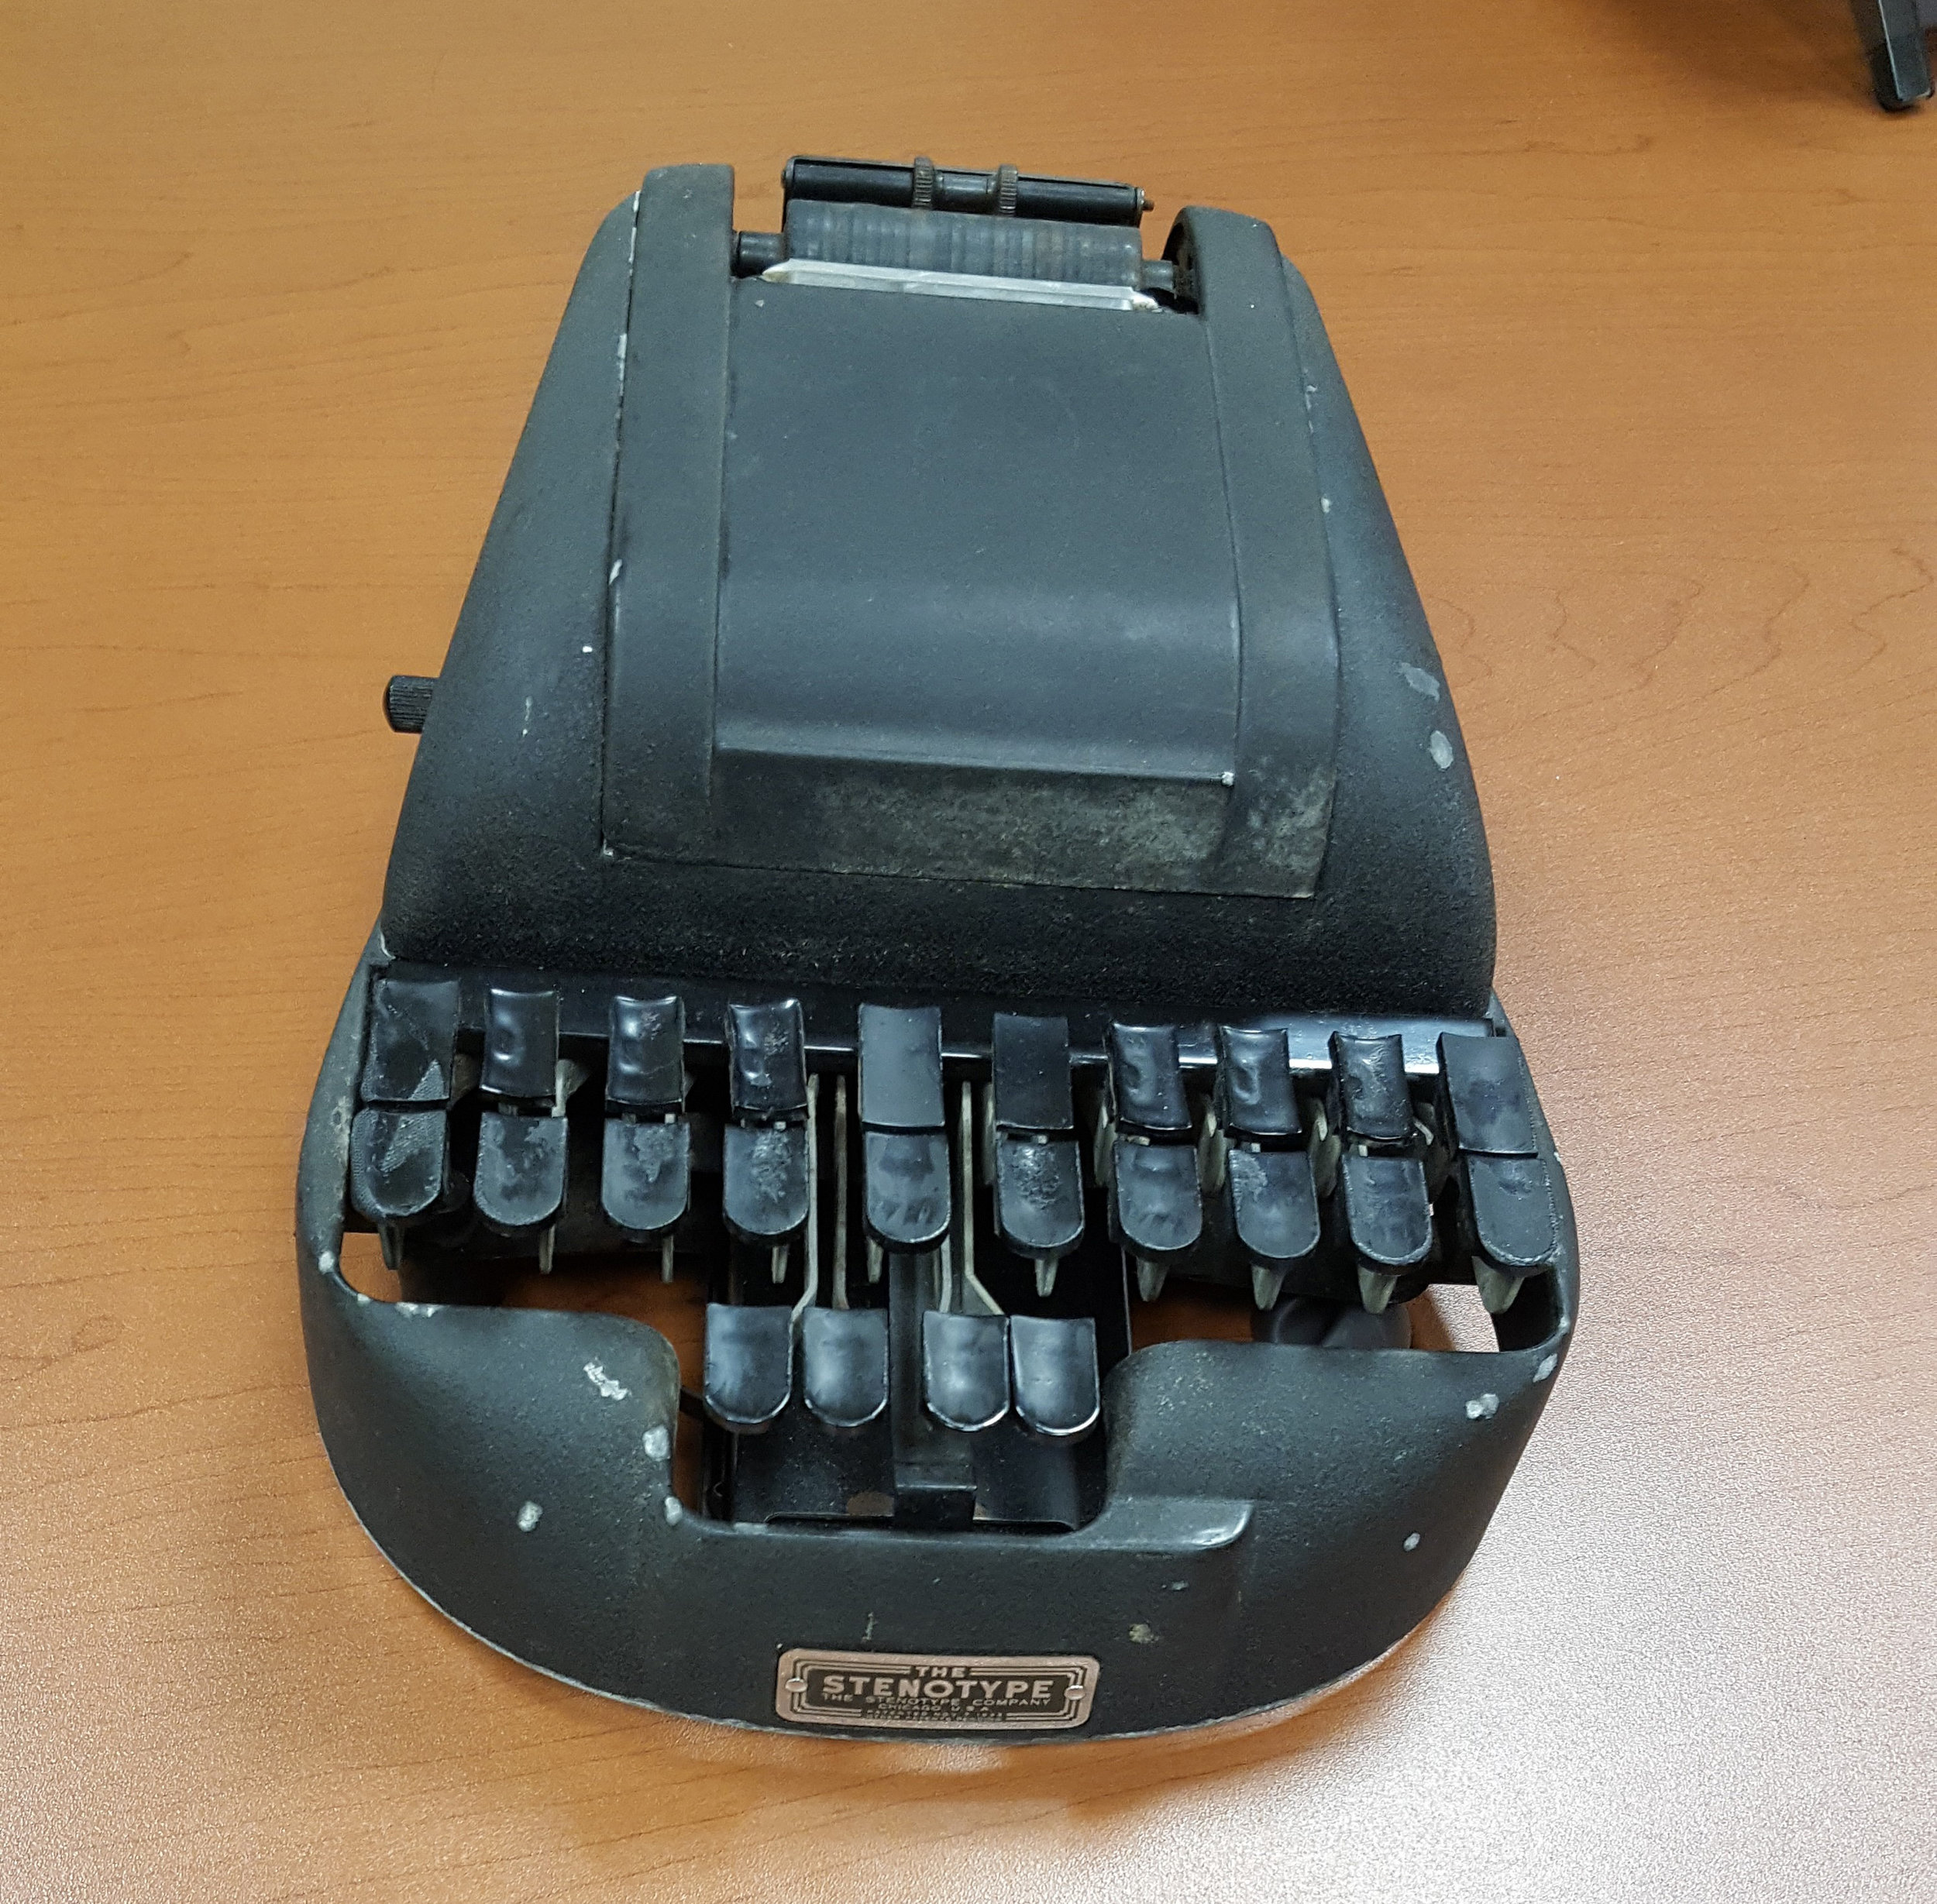 Vintage Hedman Stenotype Court Reporter Stenograph Machine